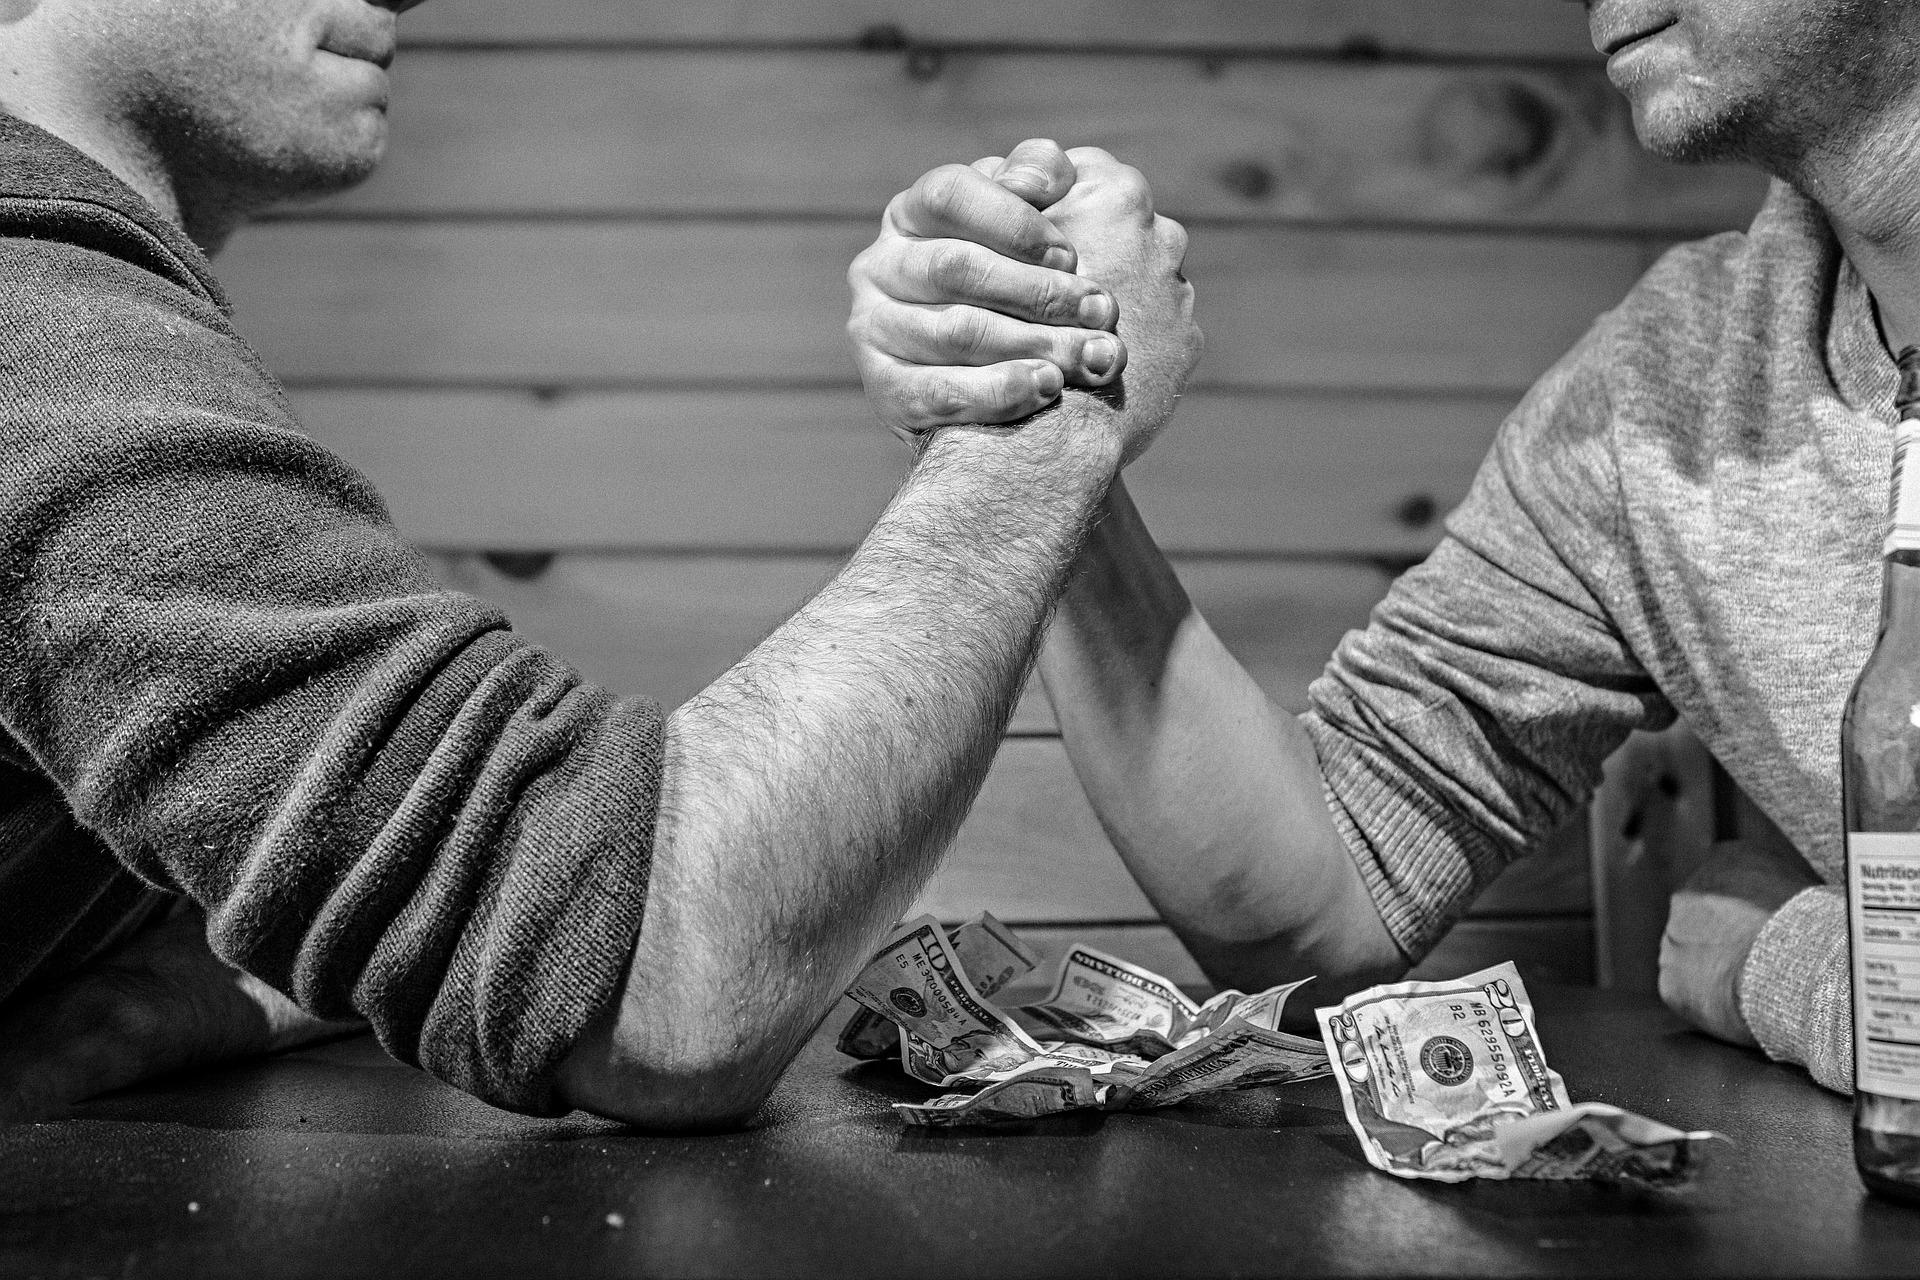 賣家爭奪戰!eBay指控亞馬遜非法「挖走」平台賣家